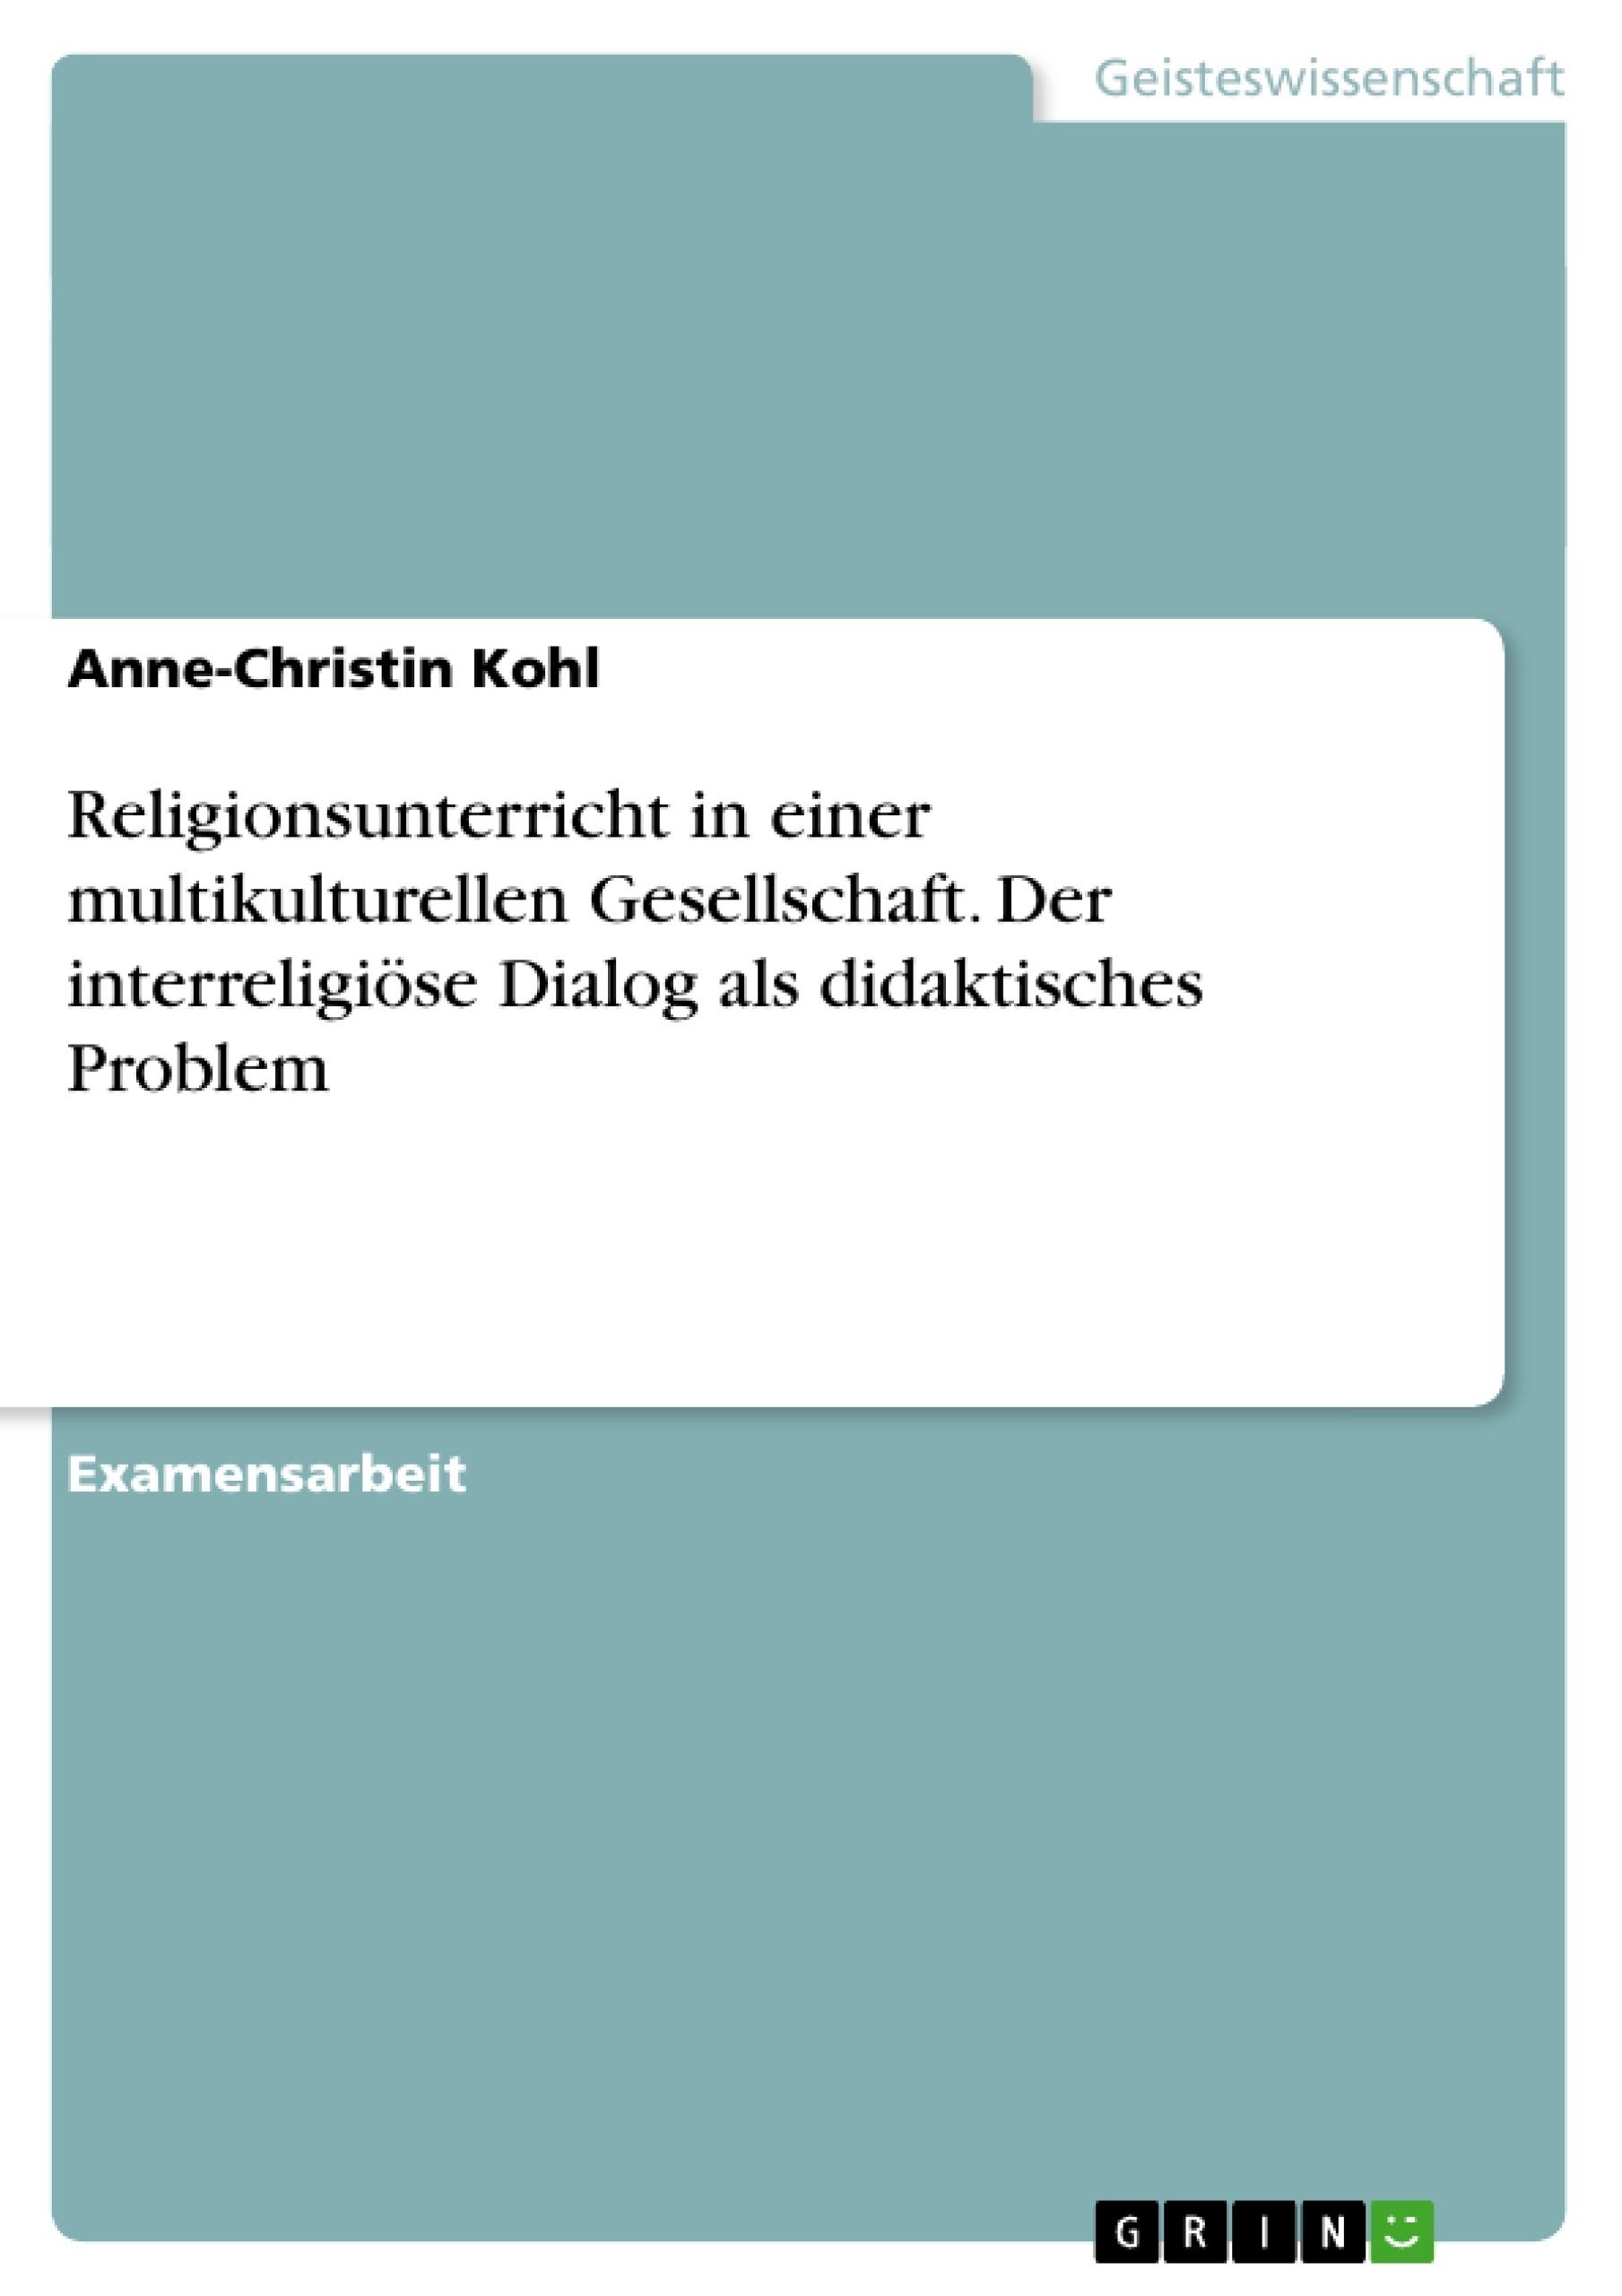 Titel: Religionsunterricht in einer multikulturellen Gesellschaft. Der interreligiöse Dialog als didaktisches Problem